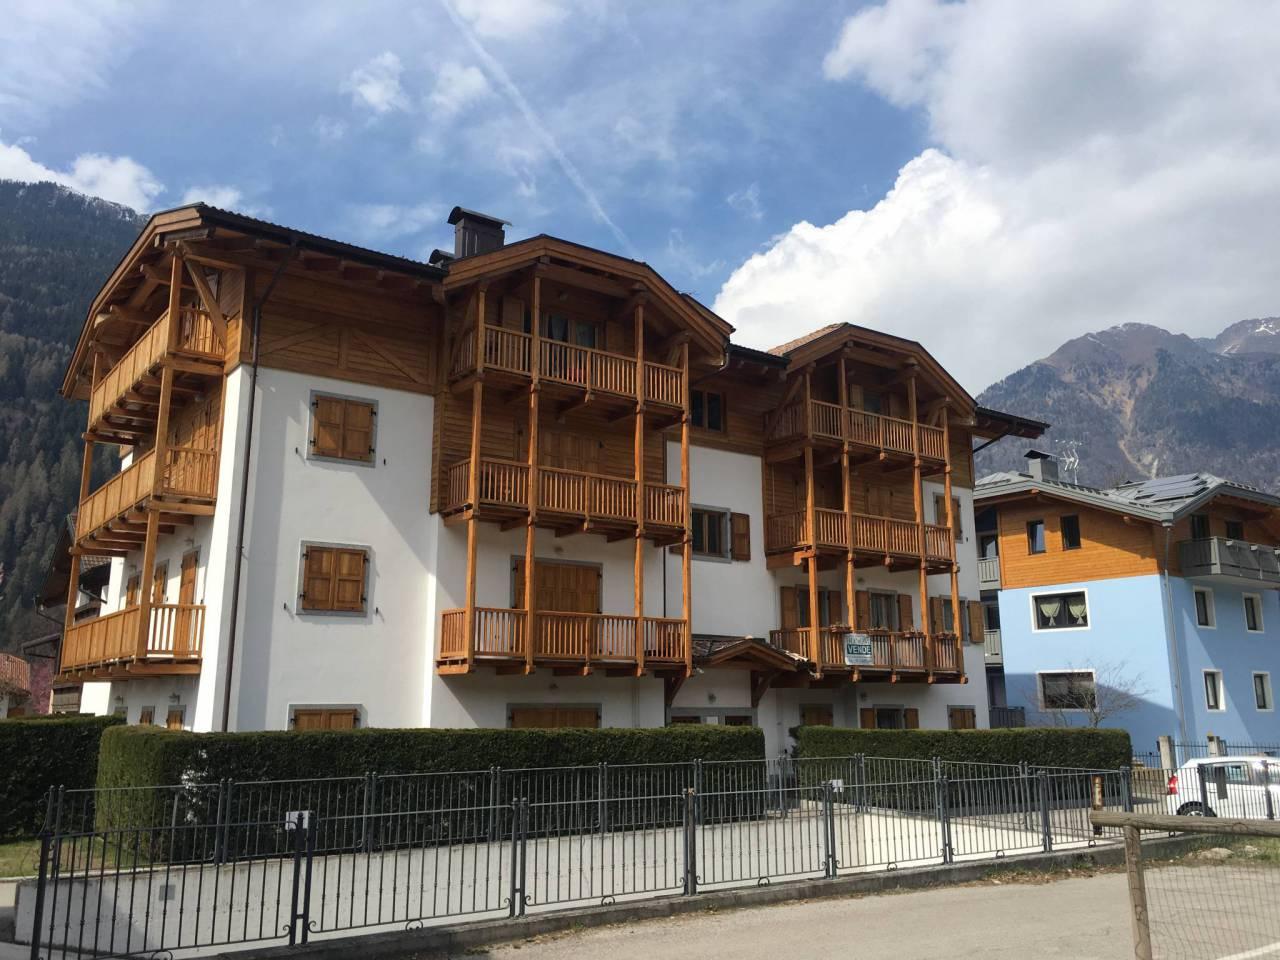 Appartamento in vendita a Pinzolo, 3 locali, prezzo € 315.000 | CambioCasa.it